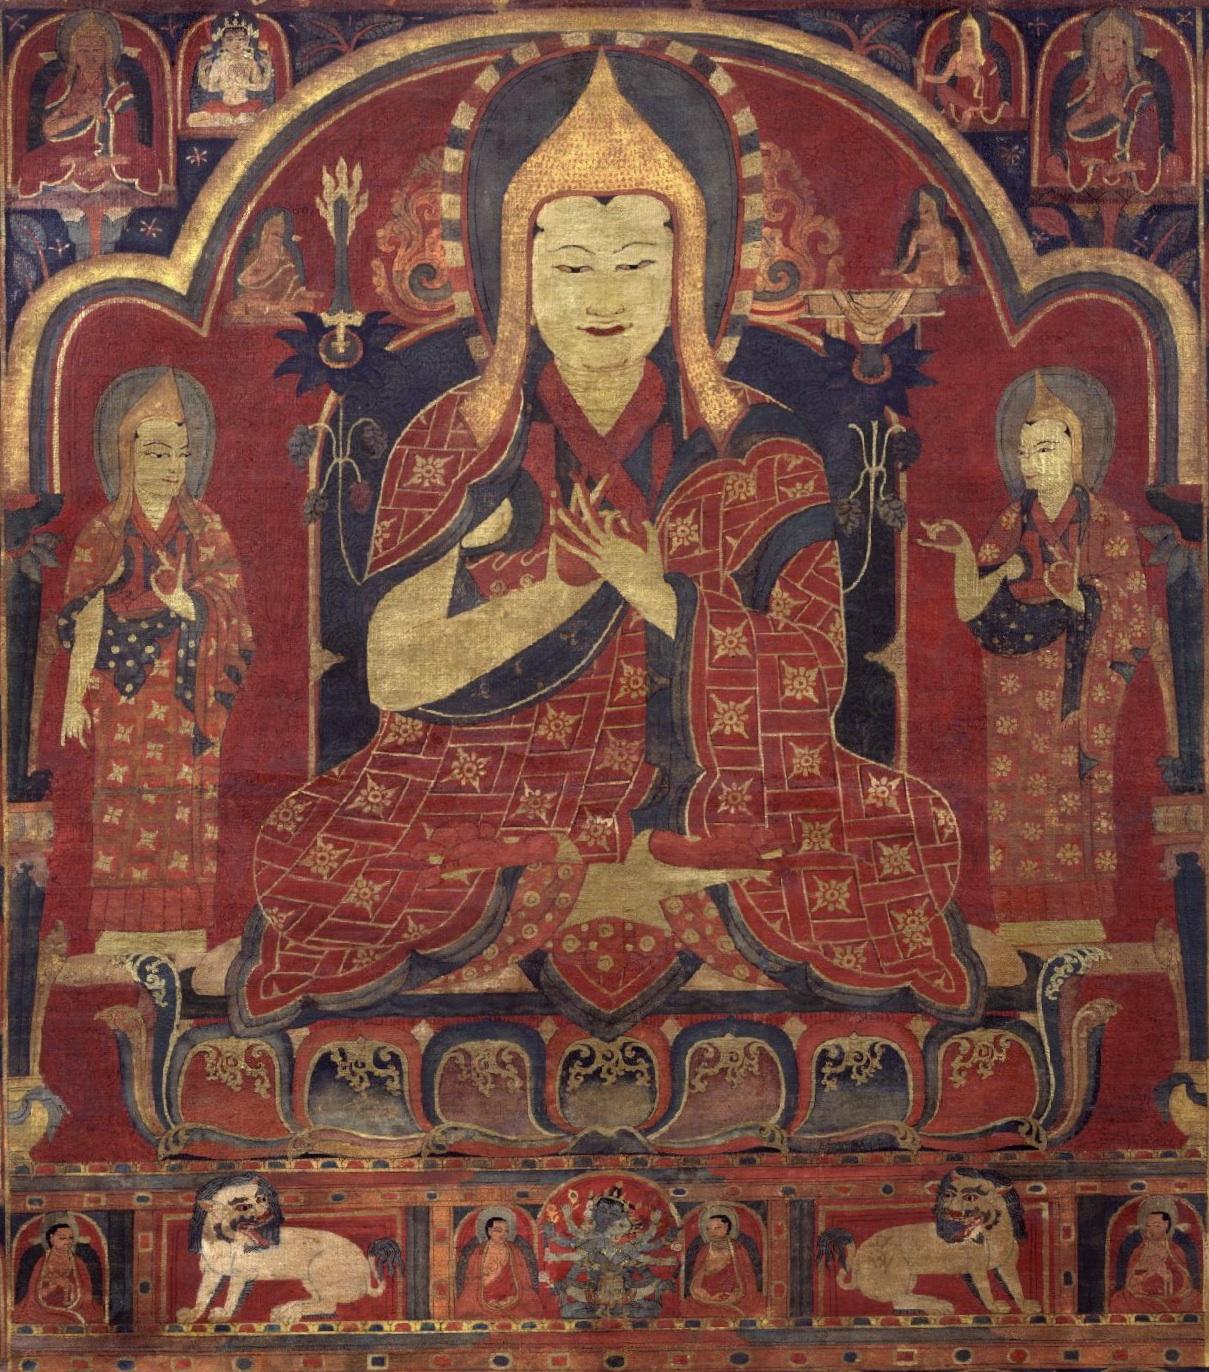 595 tsongkhapa